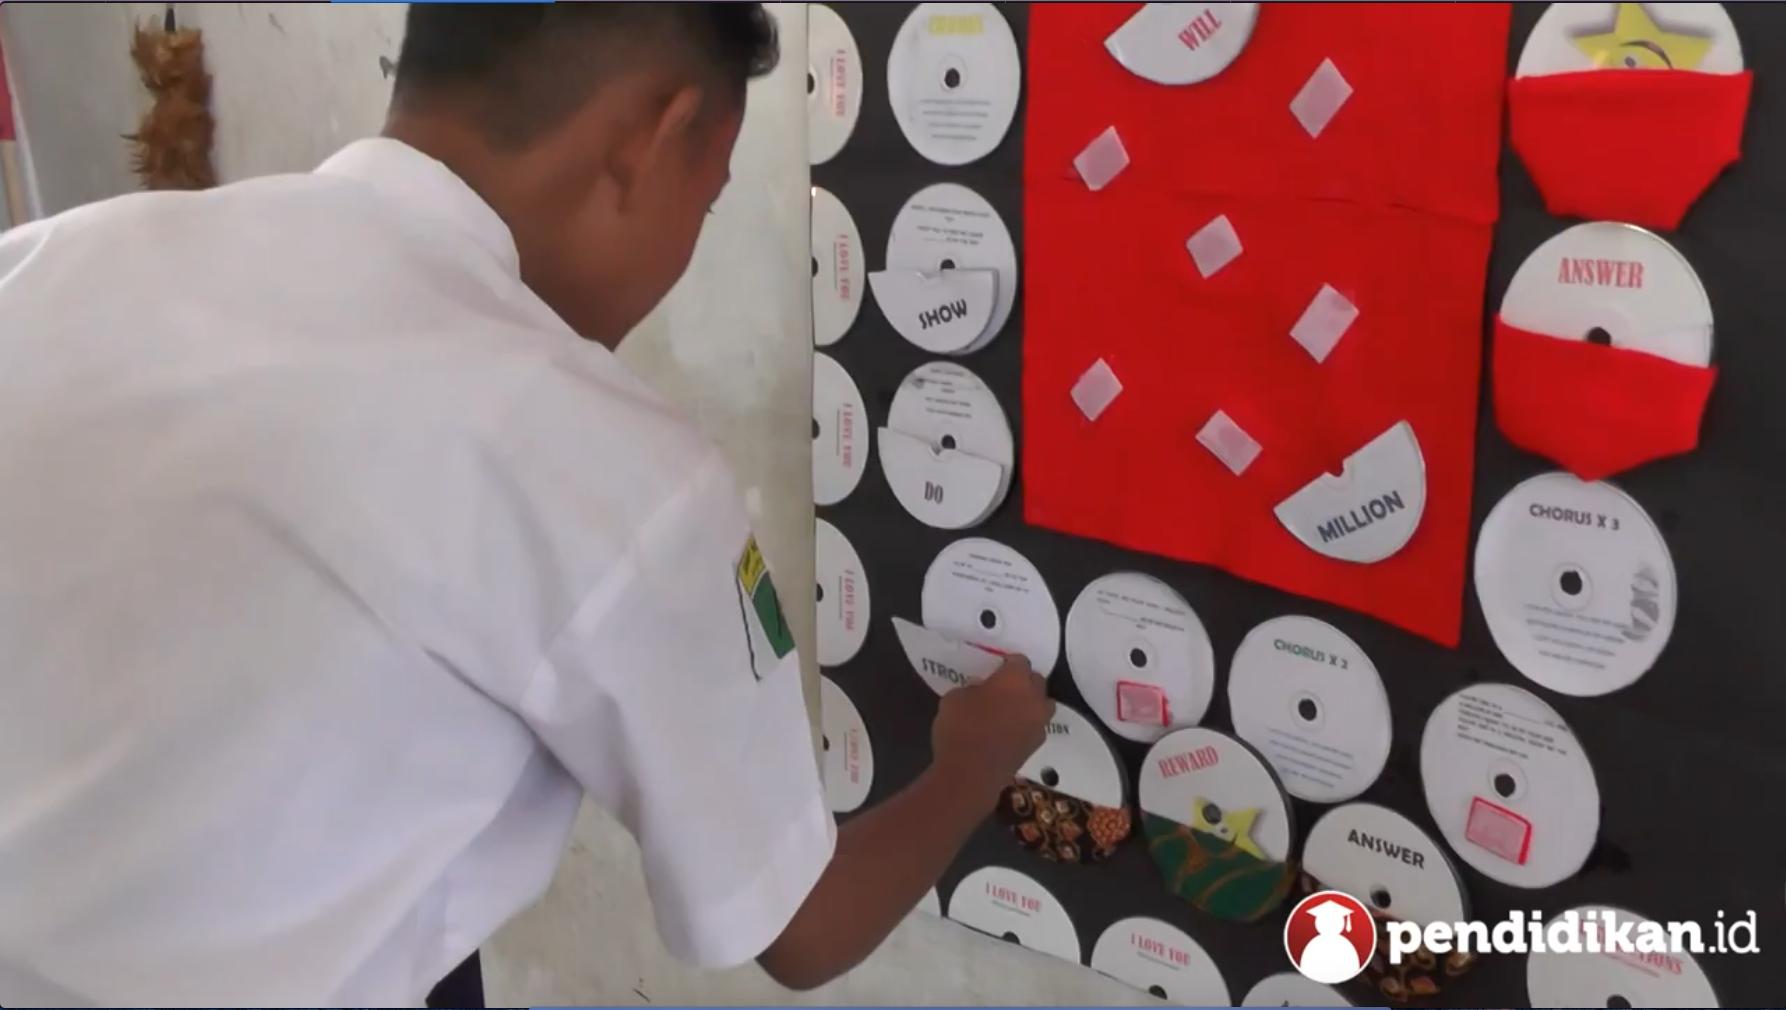 Belajar Membuat Media Pembelajaran Melalui Buku dan Video Pendidikan Atiko, Guru SMPN 17 Surabaya Pemenang 'Apresiasi Guru Surabaya 2017'